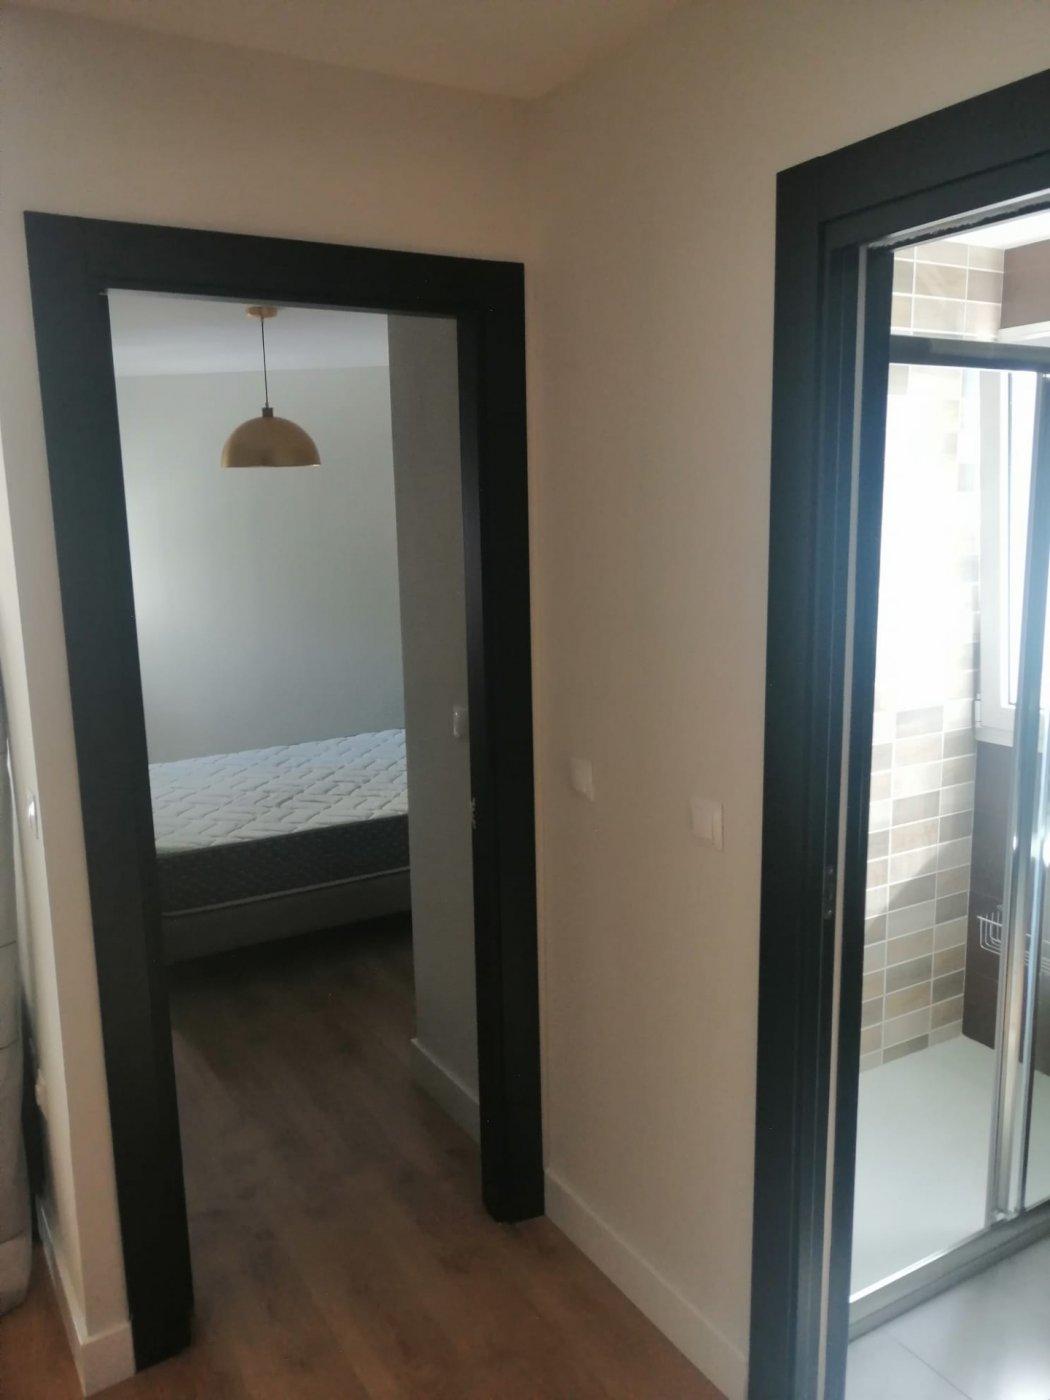 Apartamento 2 dormitorios en la cariihuela - imagenInmueble16